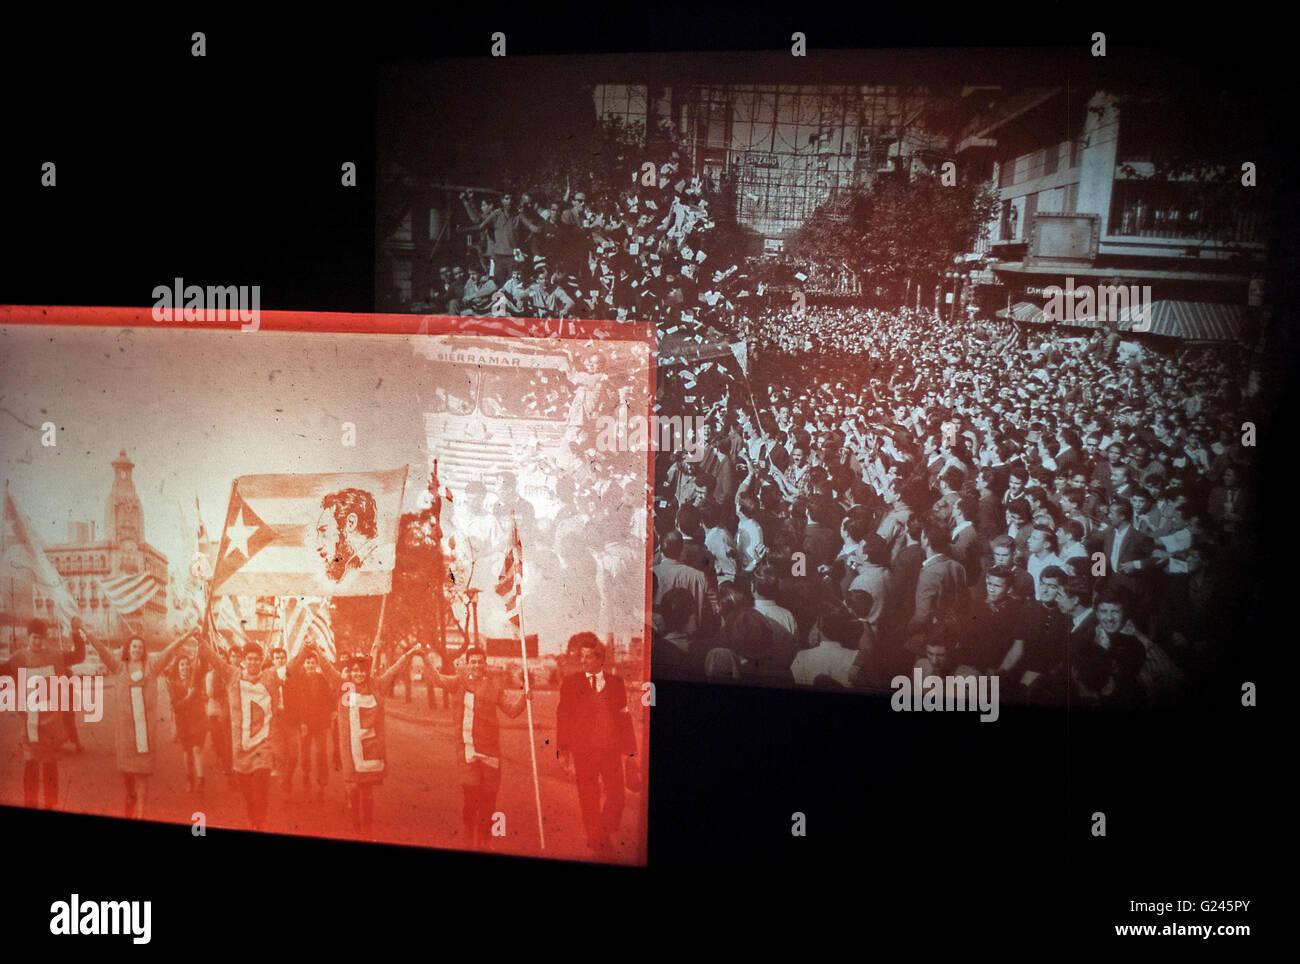 """Diaprojektionen Sie Saul Leiter Bilder bei Fotografen-Galerie-Ausstellung in London interaktiven dia-Show """"Fidel"""" Stockbild"""